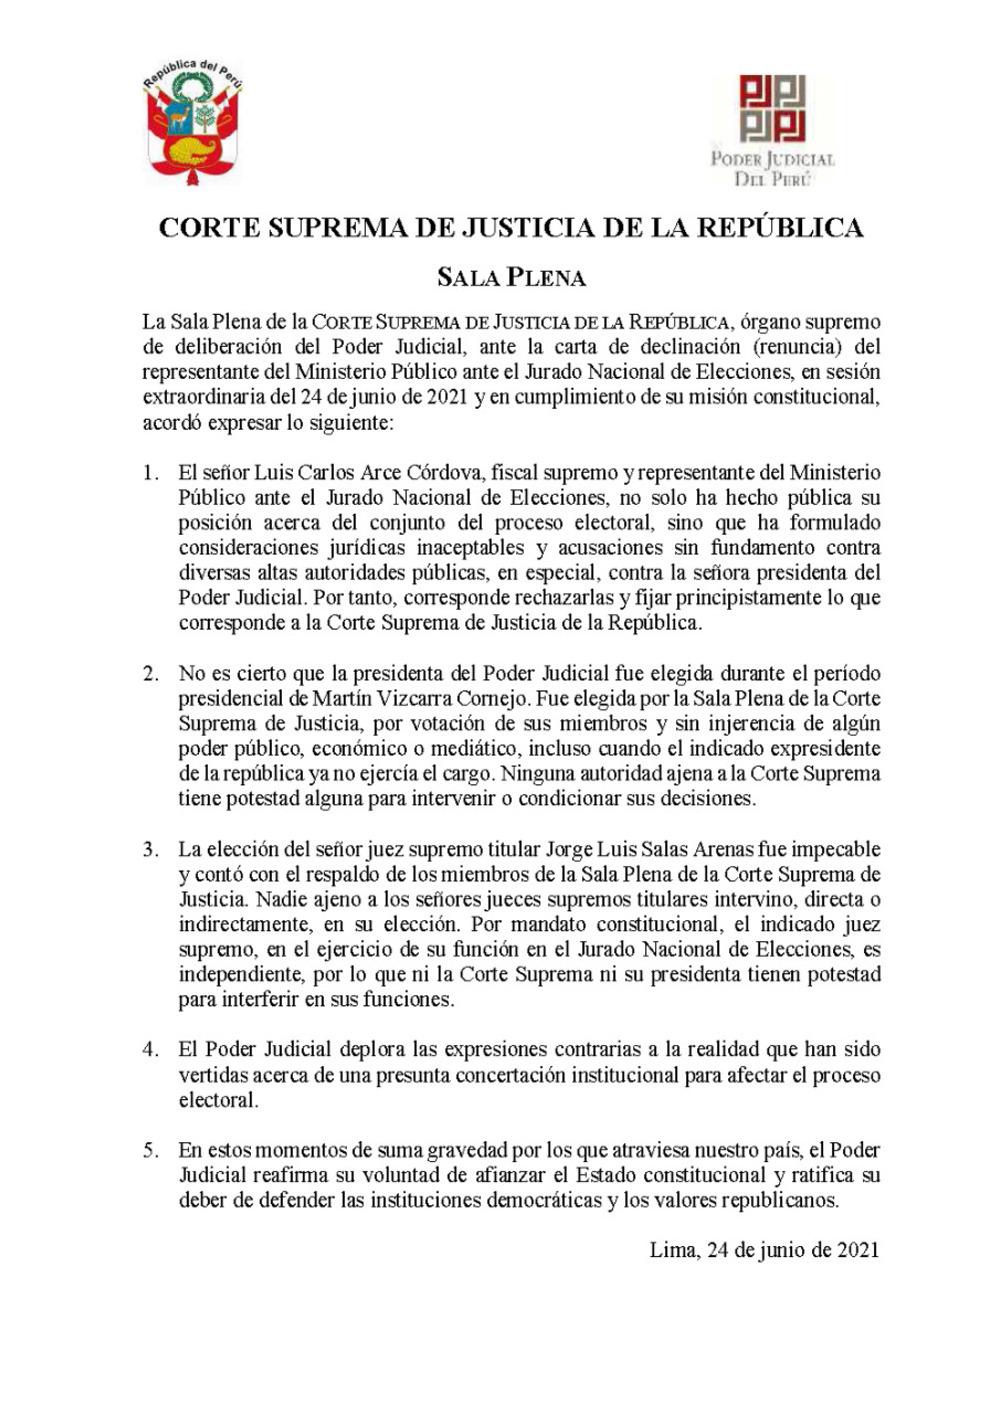 Corte Suprema deplora expresiones de Luis Arce sobre presunta concertación institucional